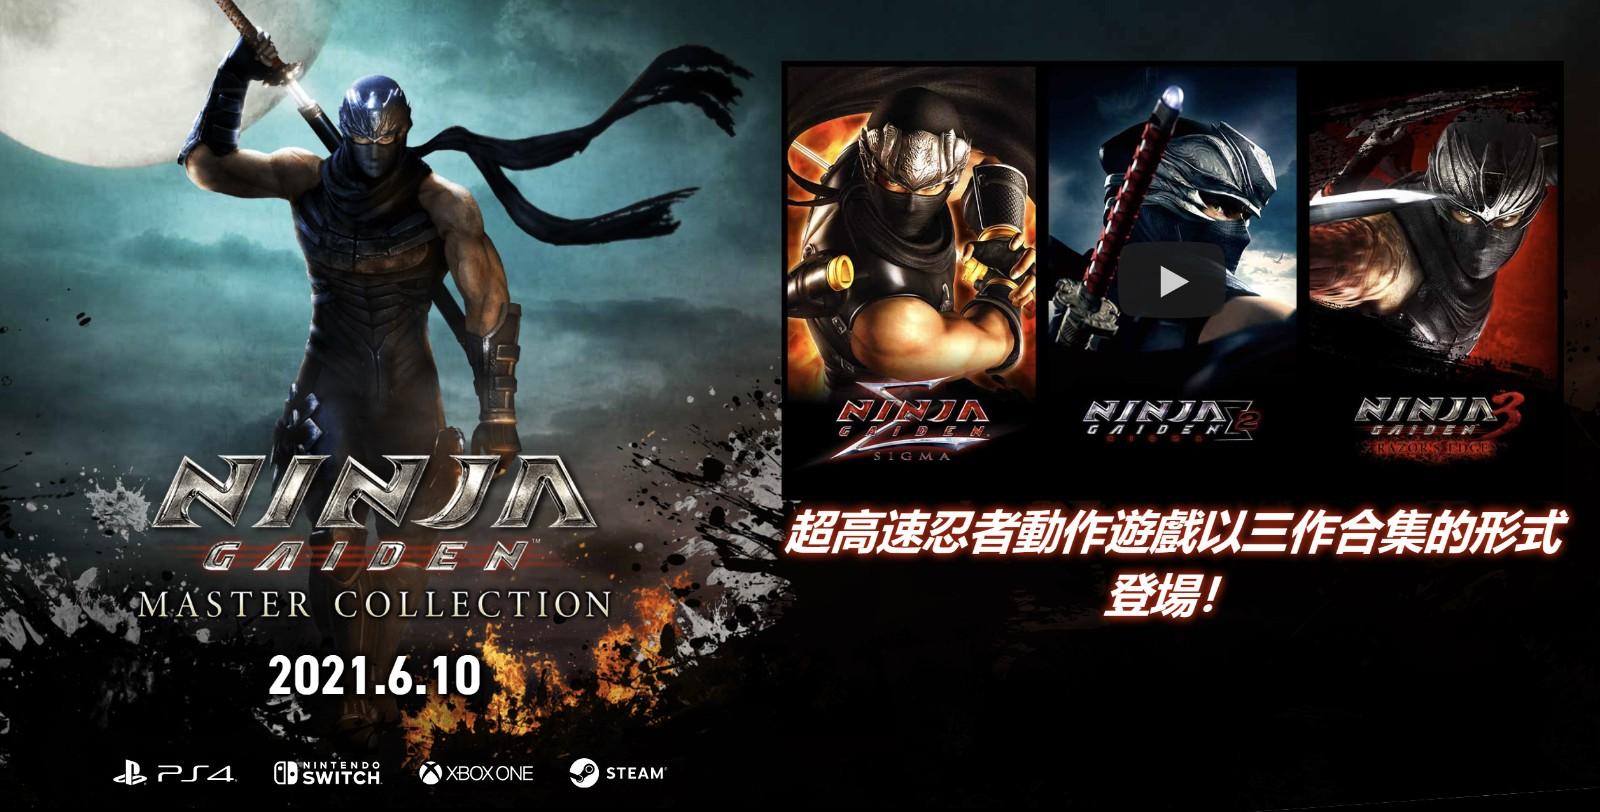 《忍者龙剑传:大师合集》中文版上线官网 6月10日推出